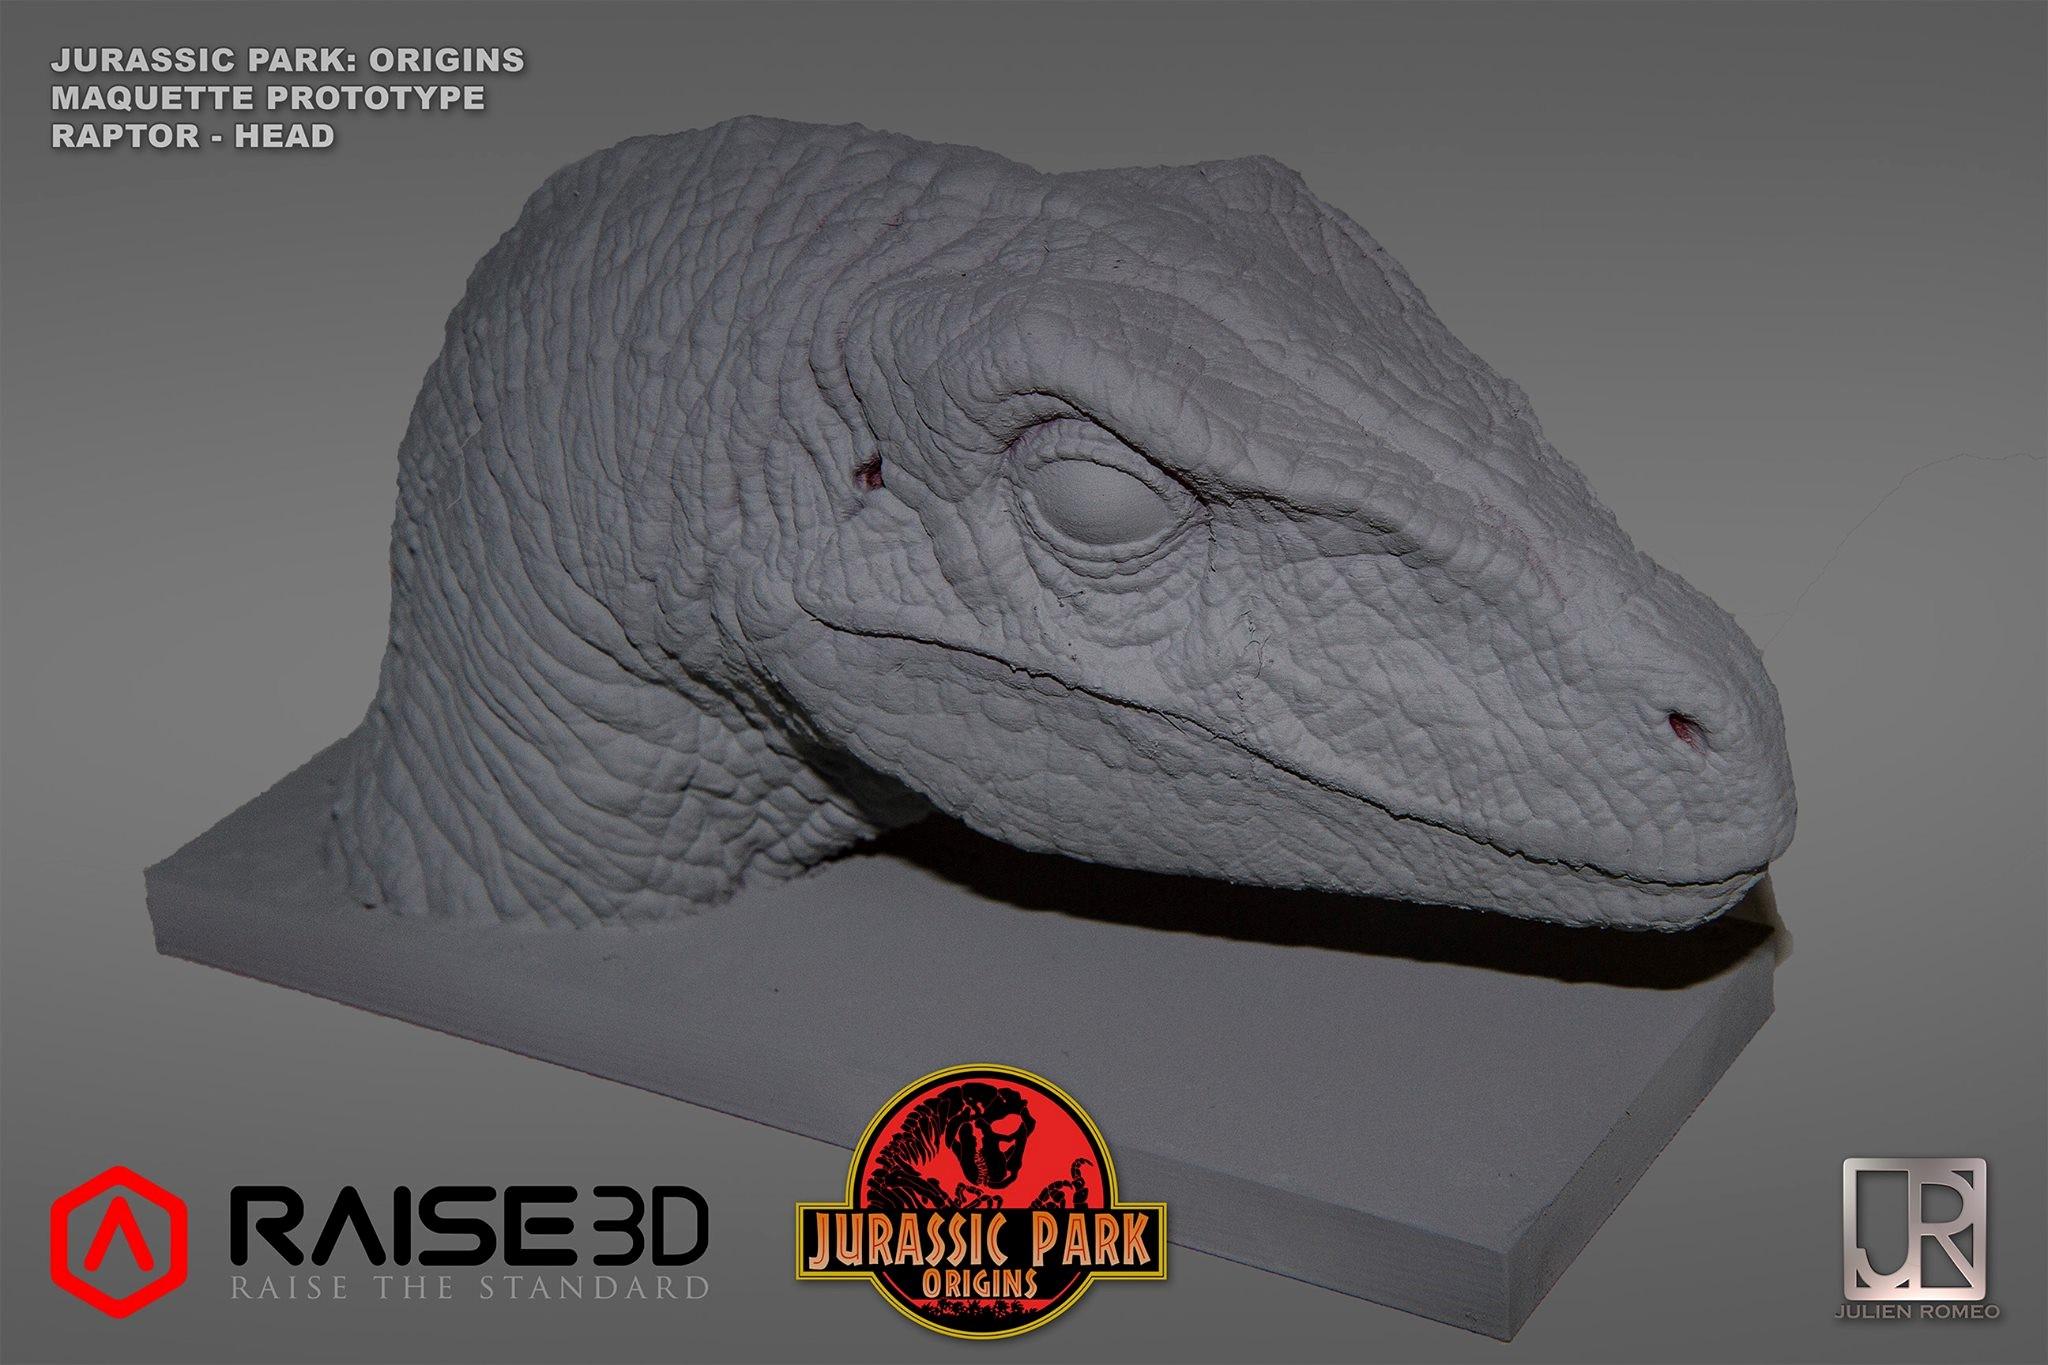 Raise3D: применение 3D принтеров в кино - 6